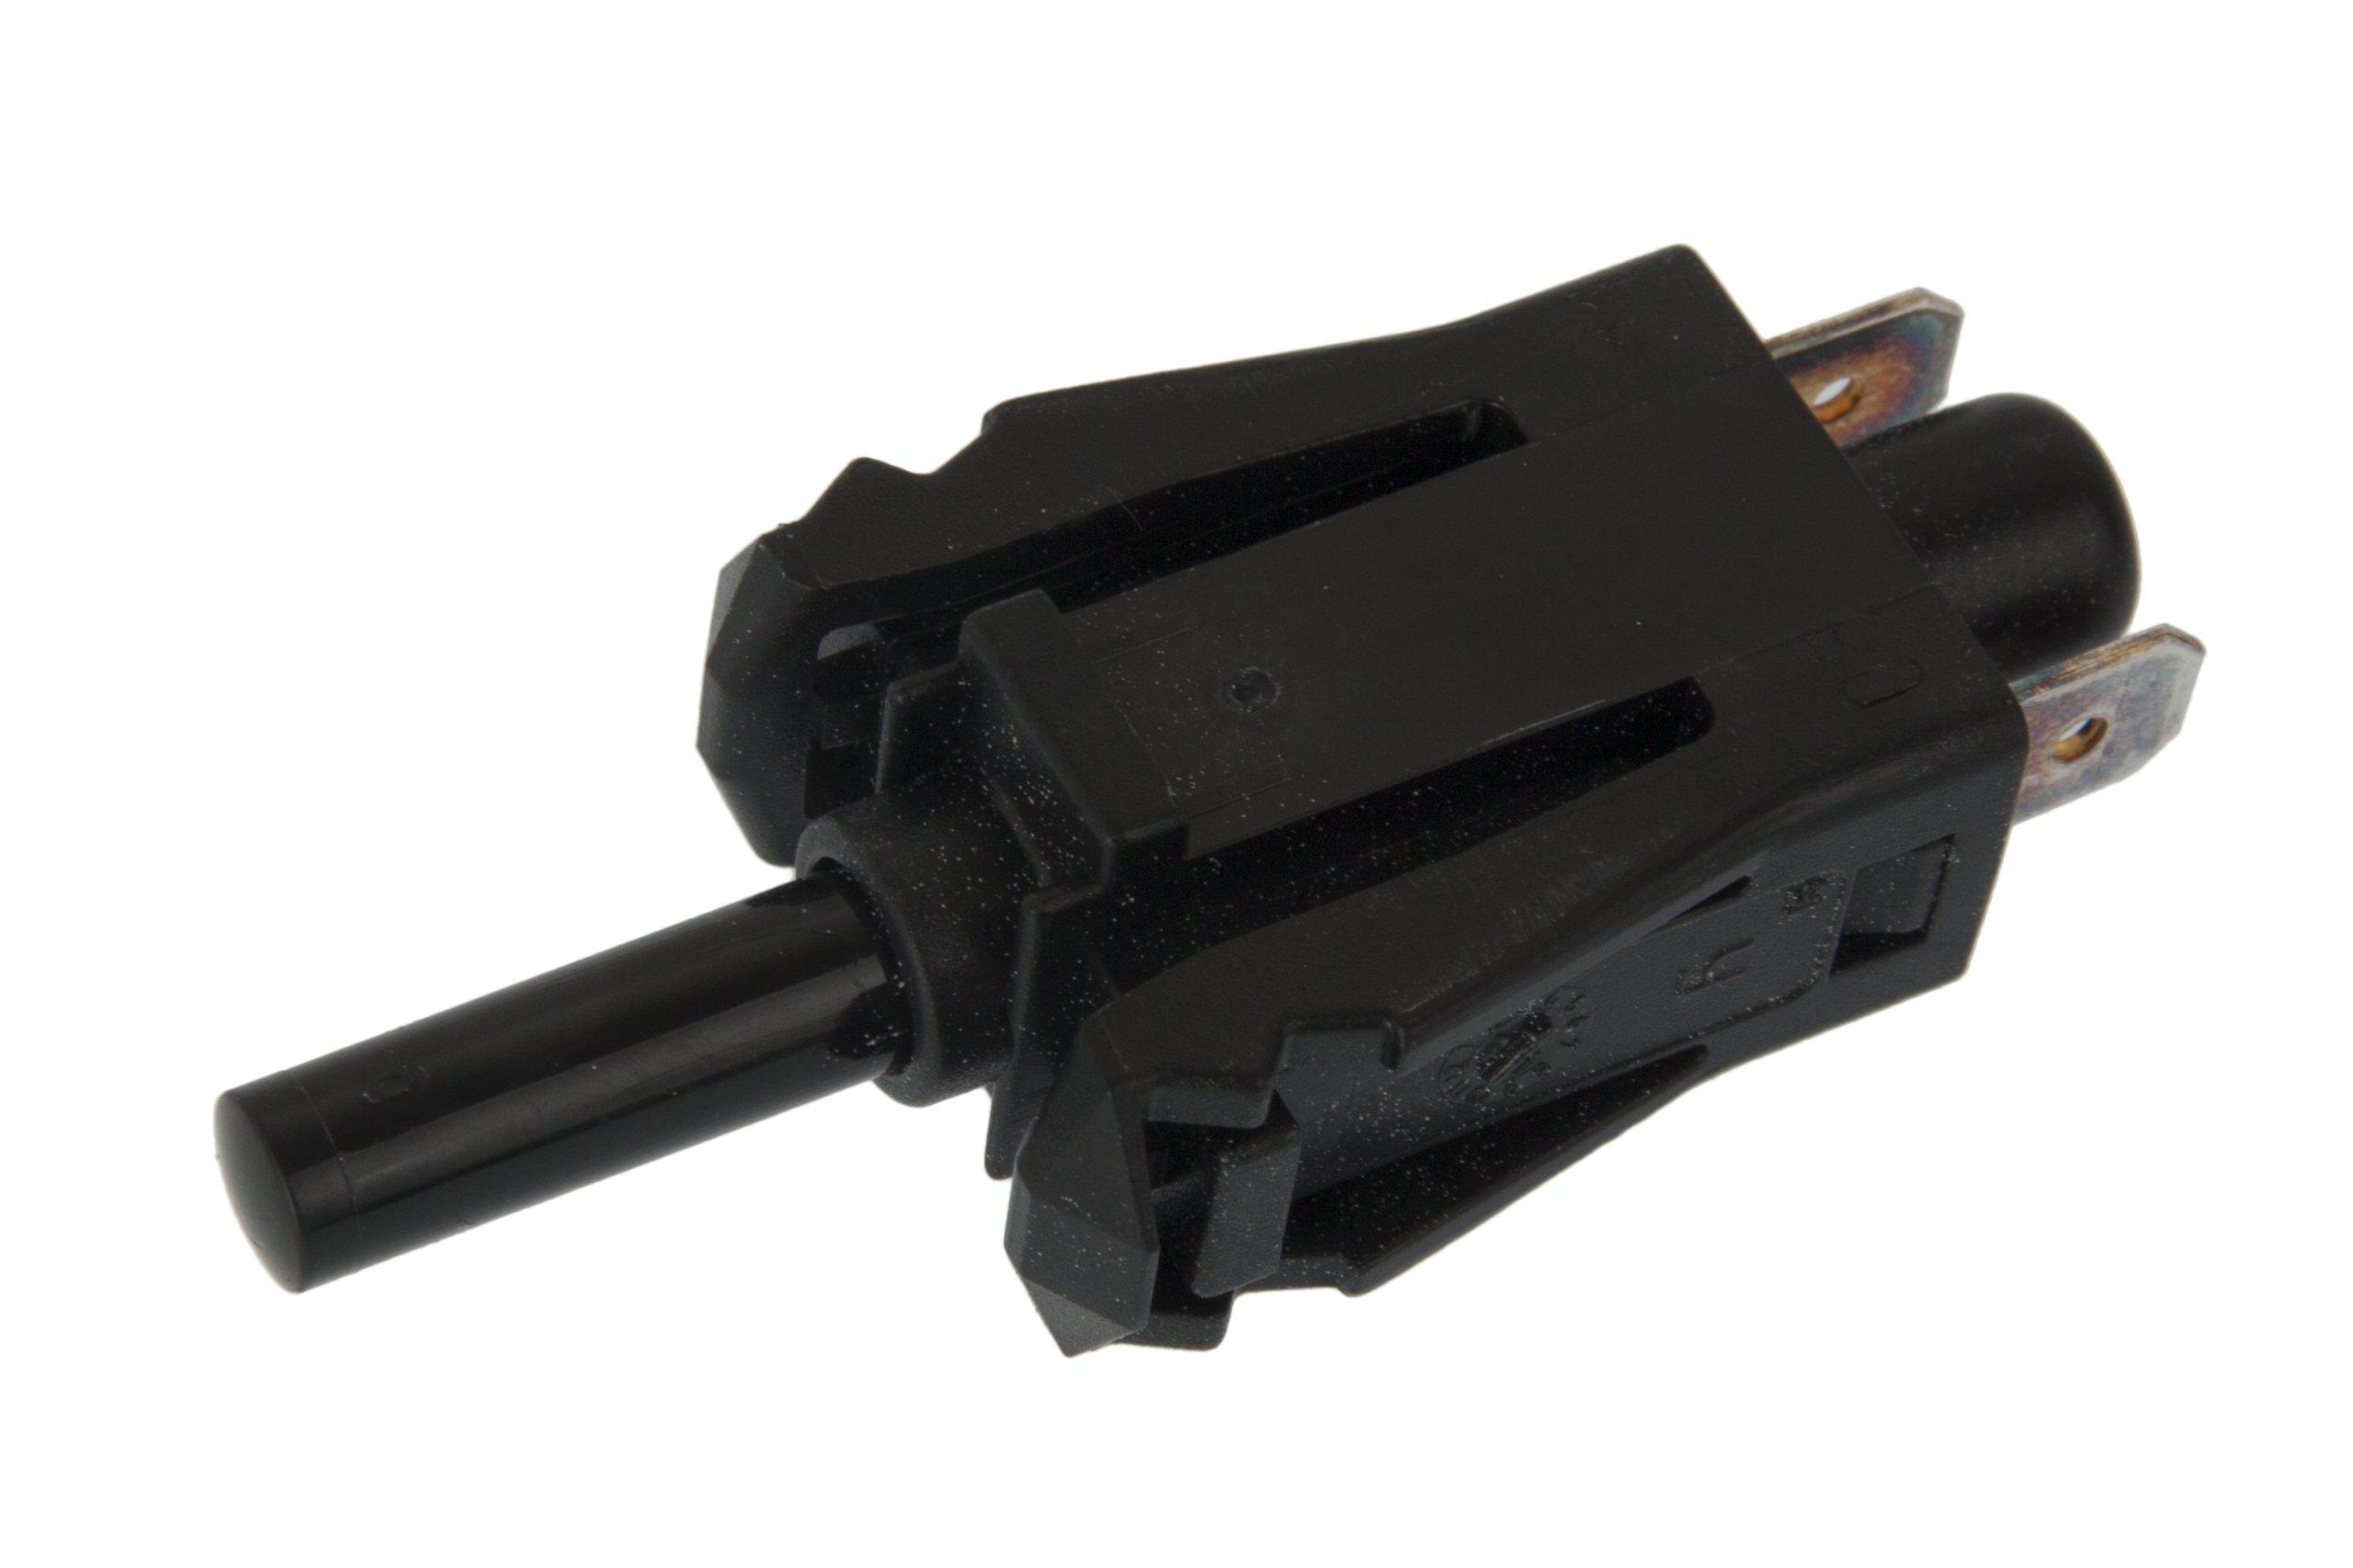 выключатель a0015458714 mercedes тормоза вспомогательного